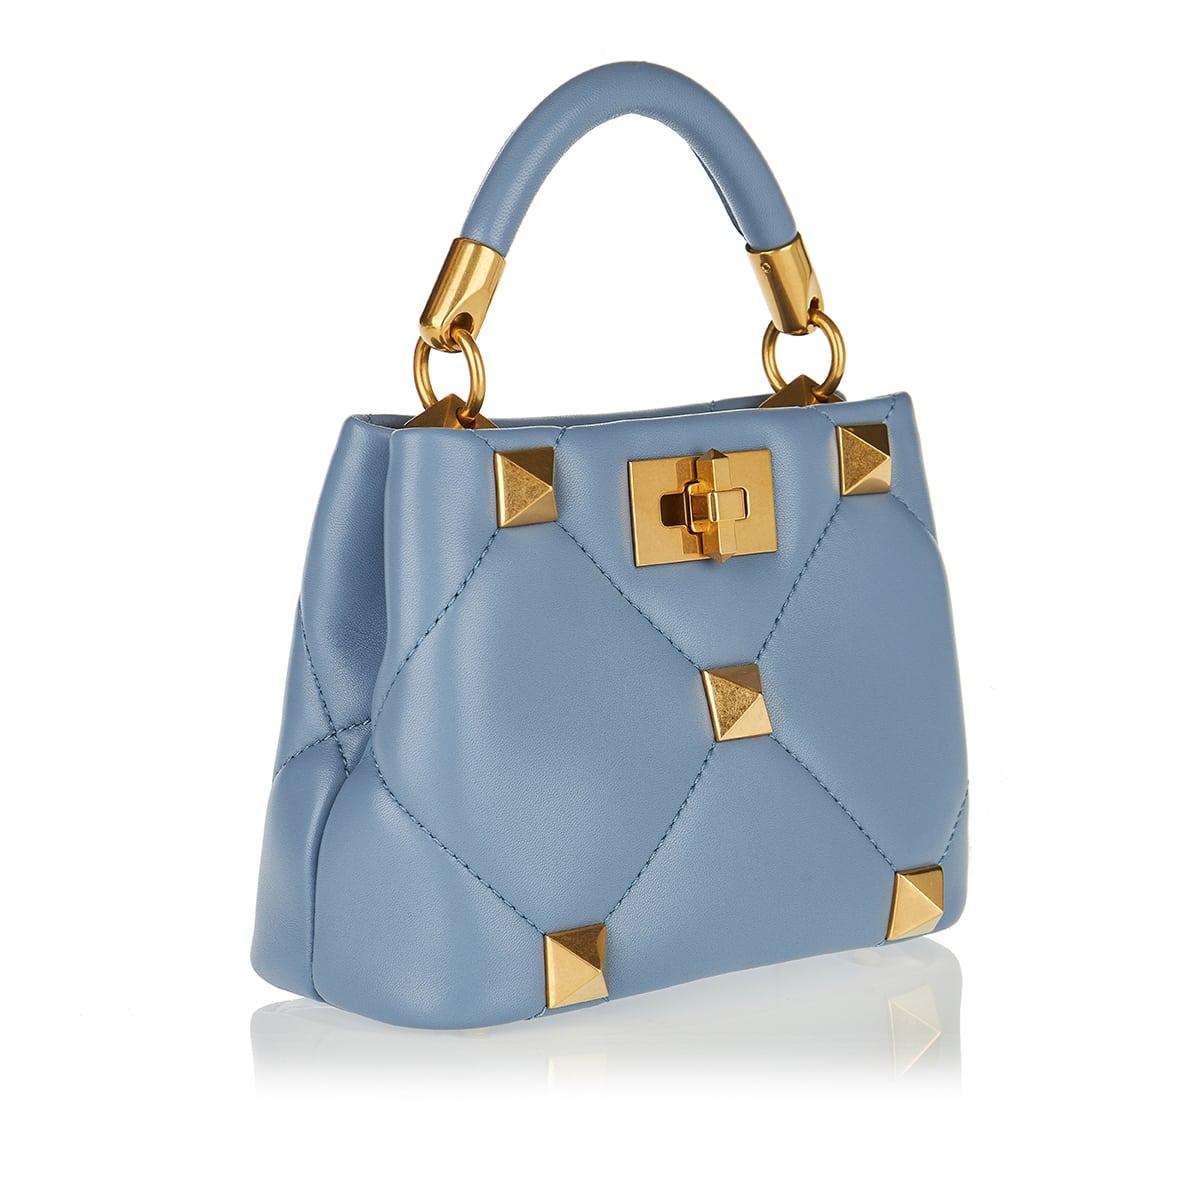 Roman Stud The Handle 520 bag